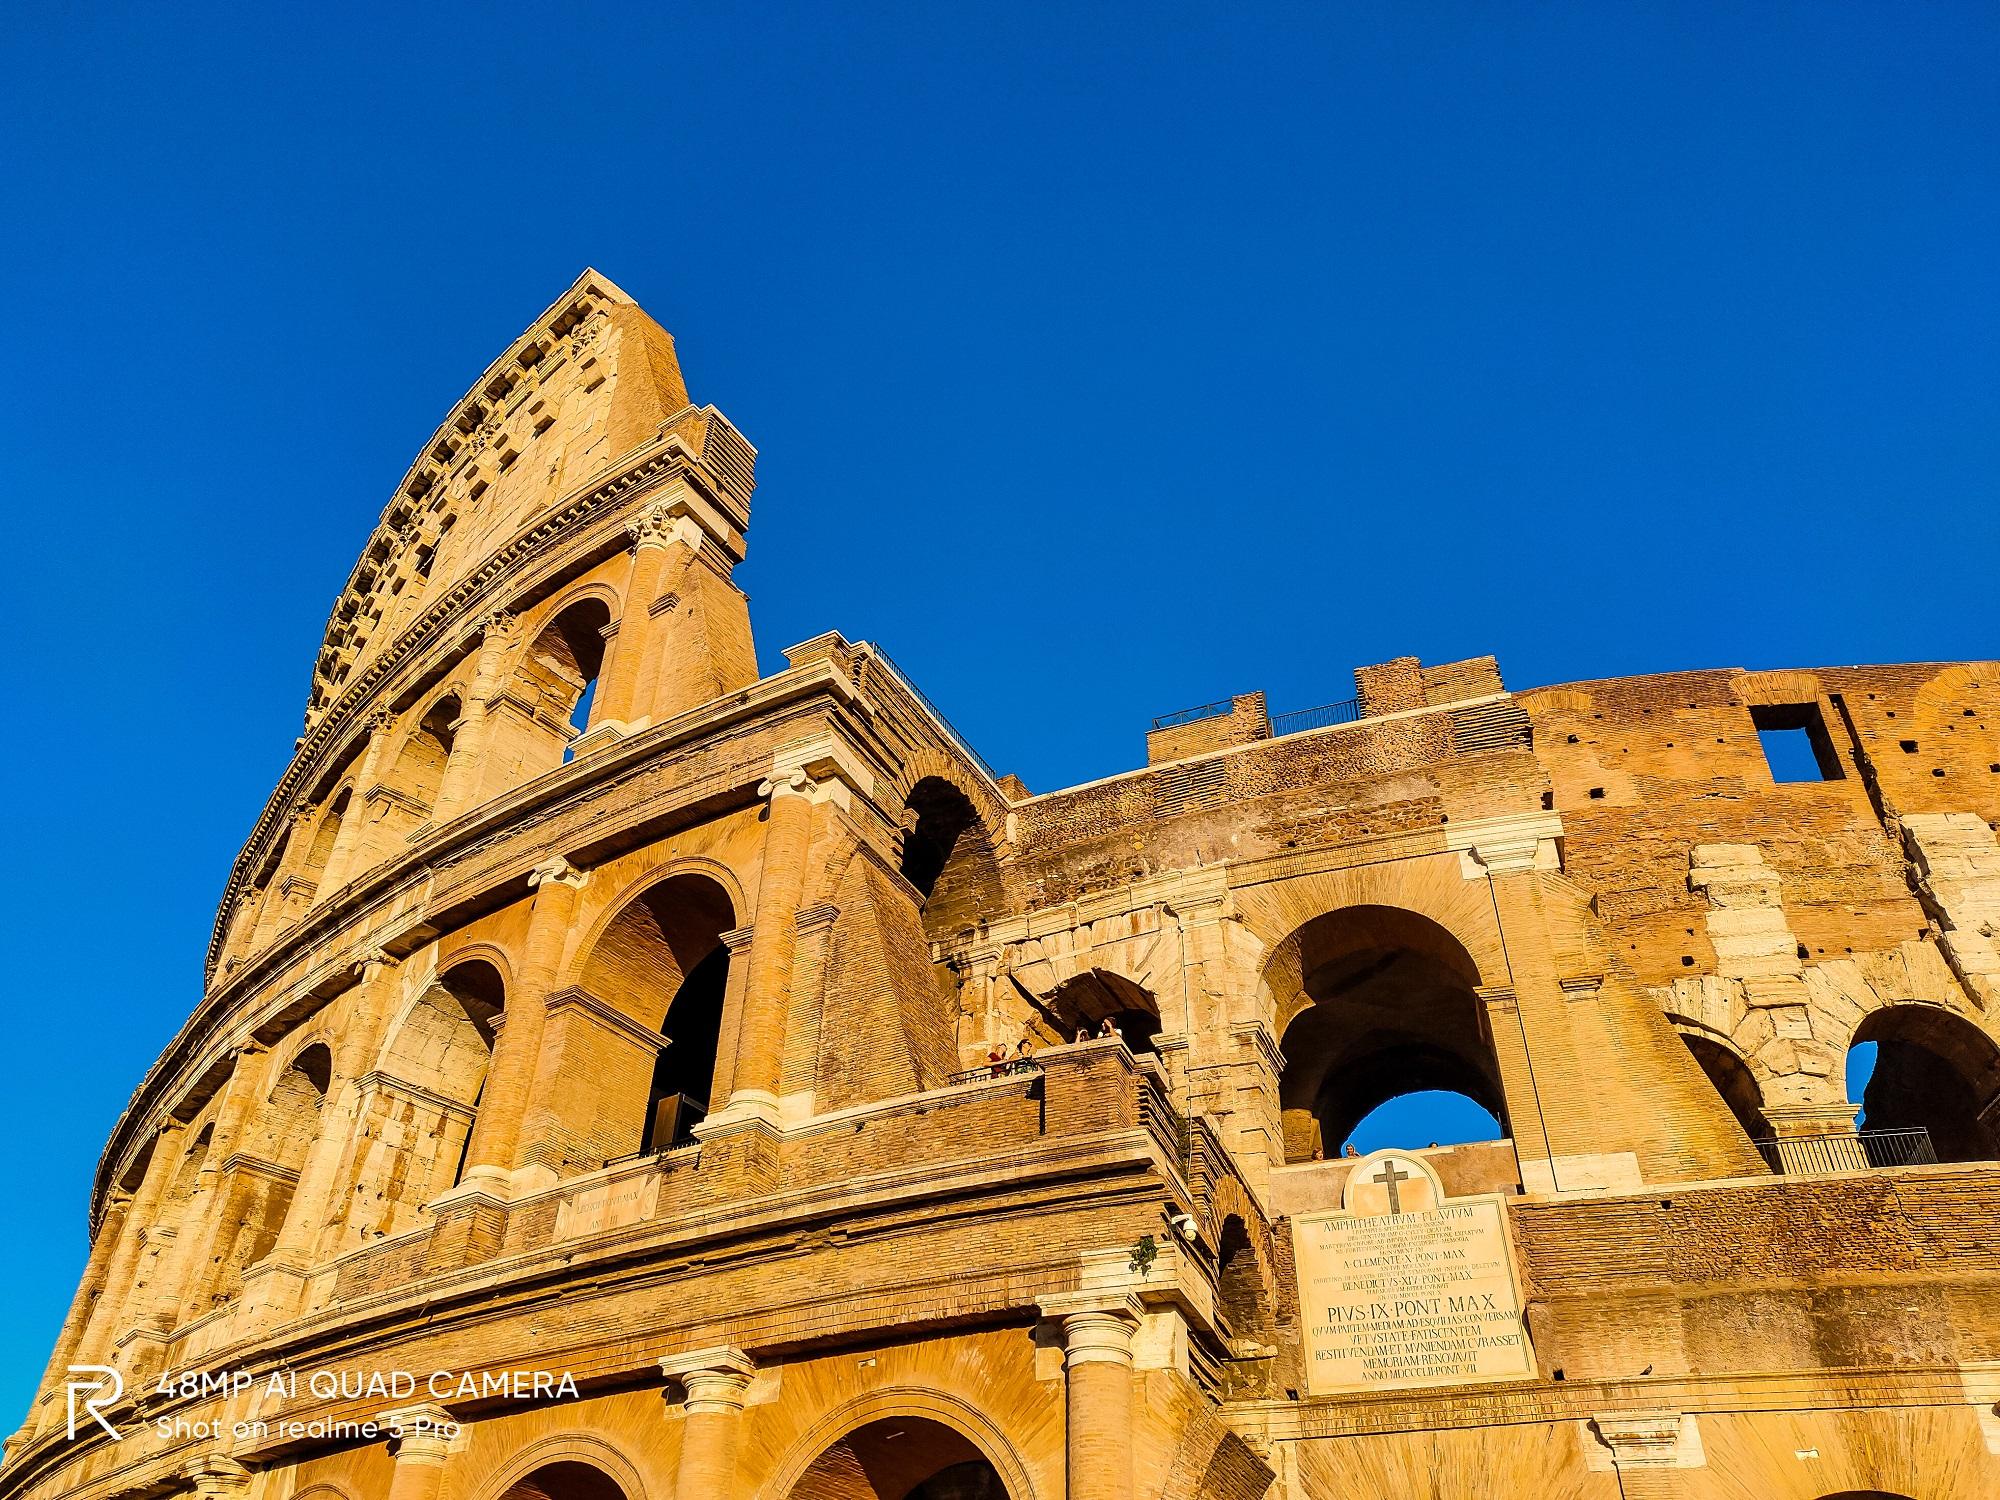 Theo thời gian, đấu trường La Mã vẫn mang lại nét đẹp trường tồn.